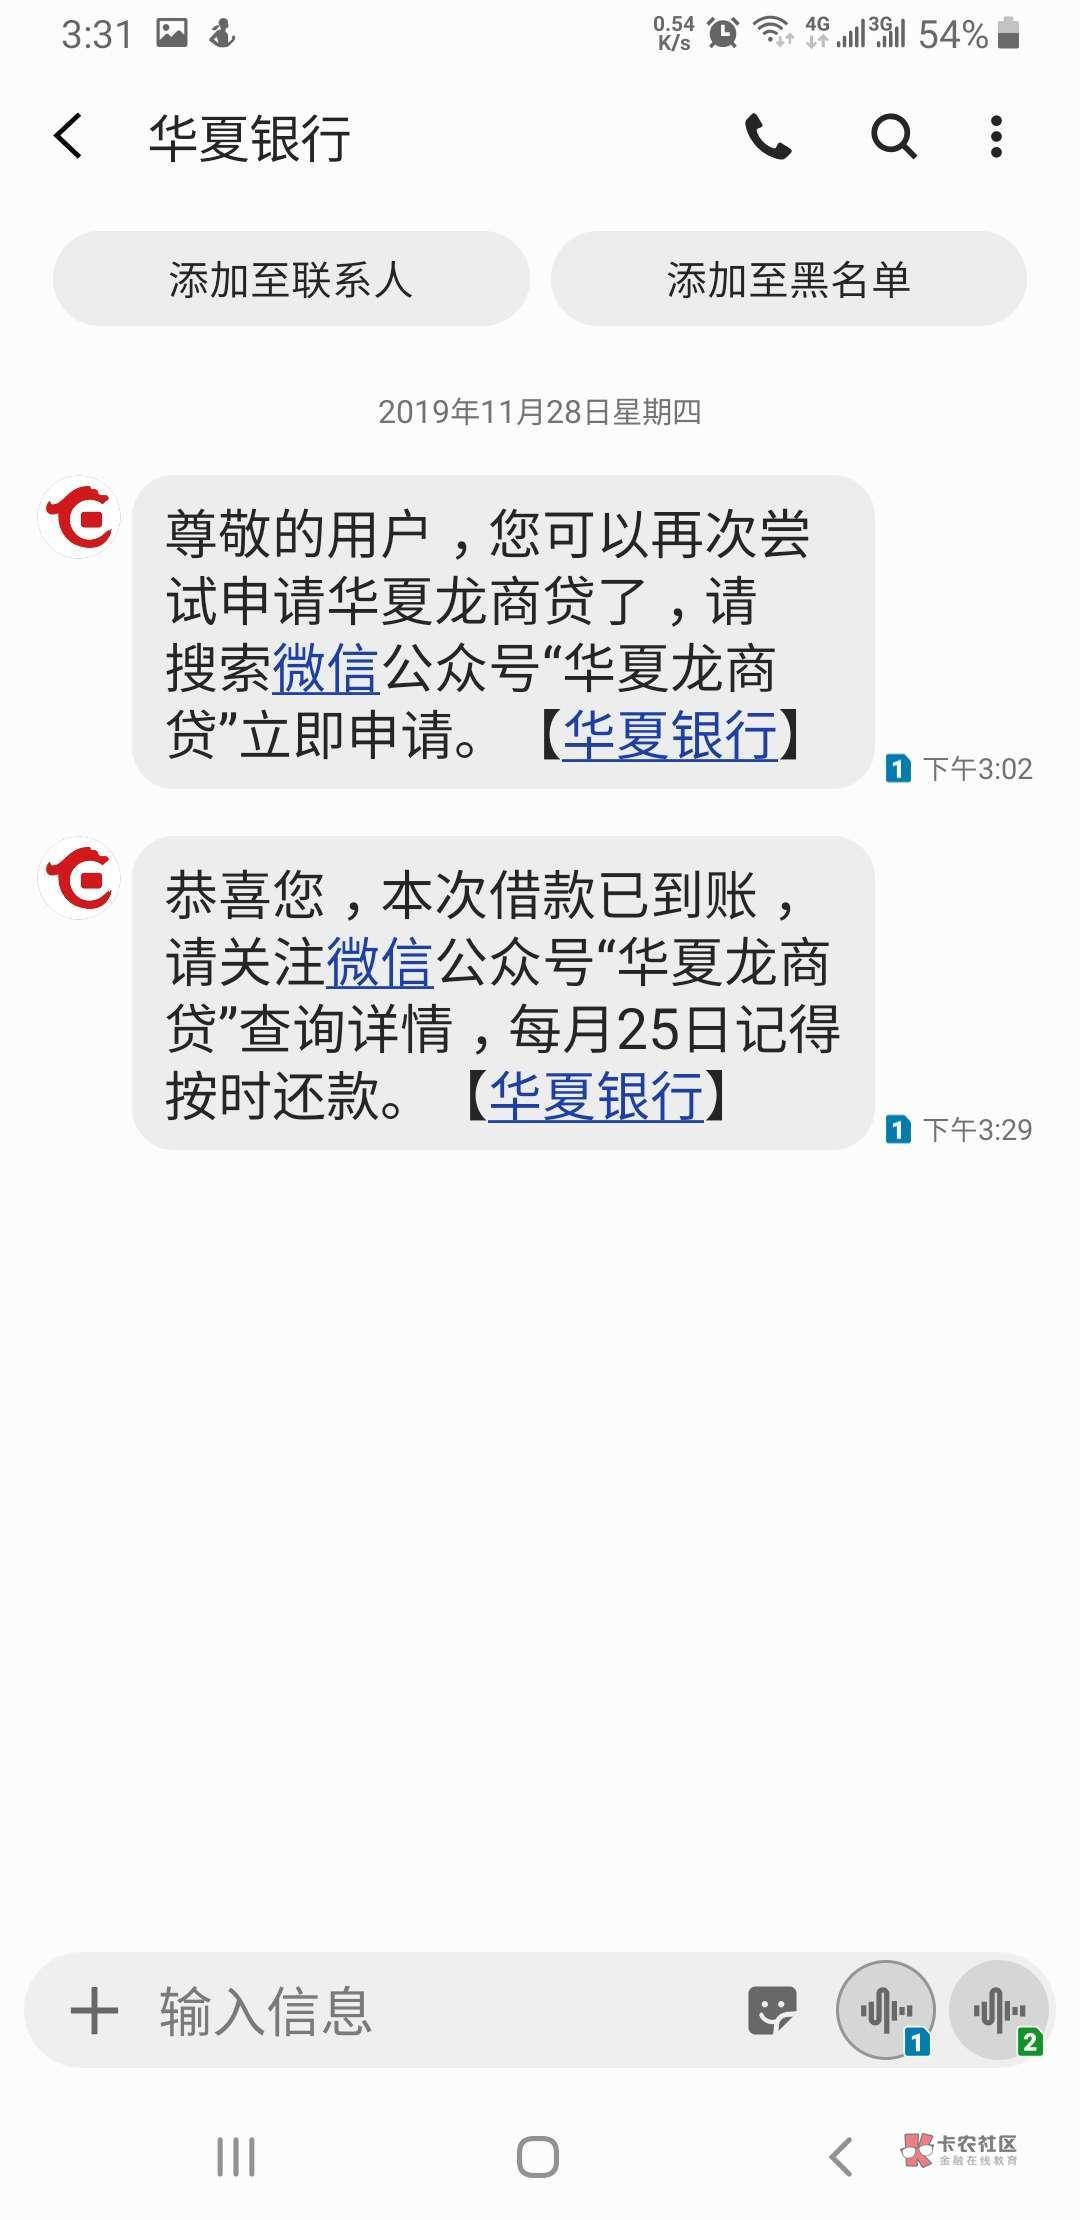 老哥们,收到华夏龙商贷短信让我心里忐忑不安,结果出...89 / 作者:不锈钢网厂家 /